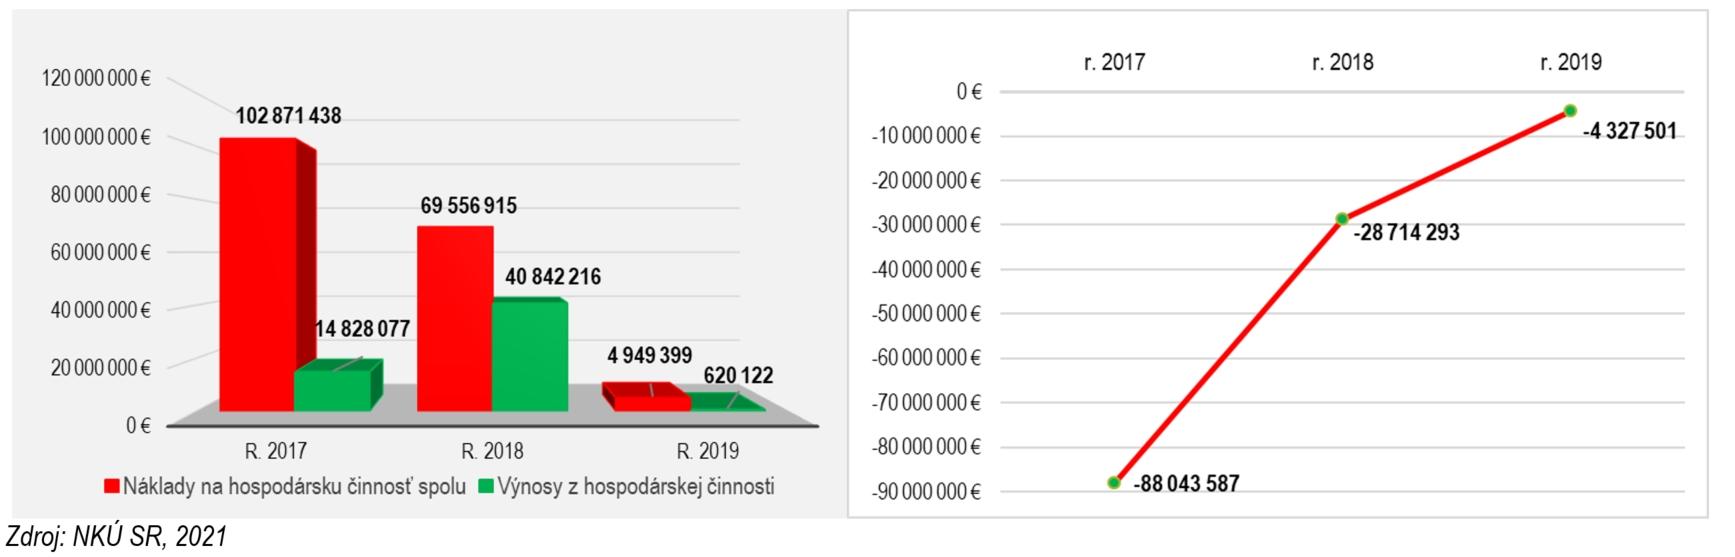 Graf 1 Porovnanie nákladov a výnosov z hospodárskej činnosti v MH Invest, s.r.o. a výsledok hospodárenia